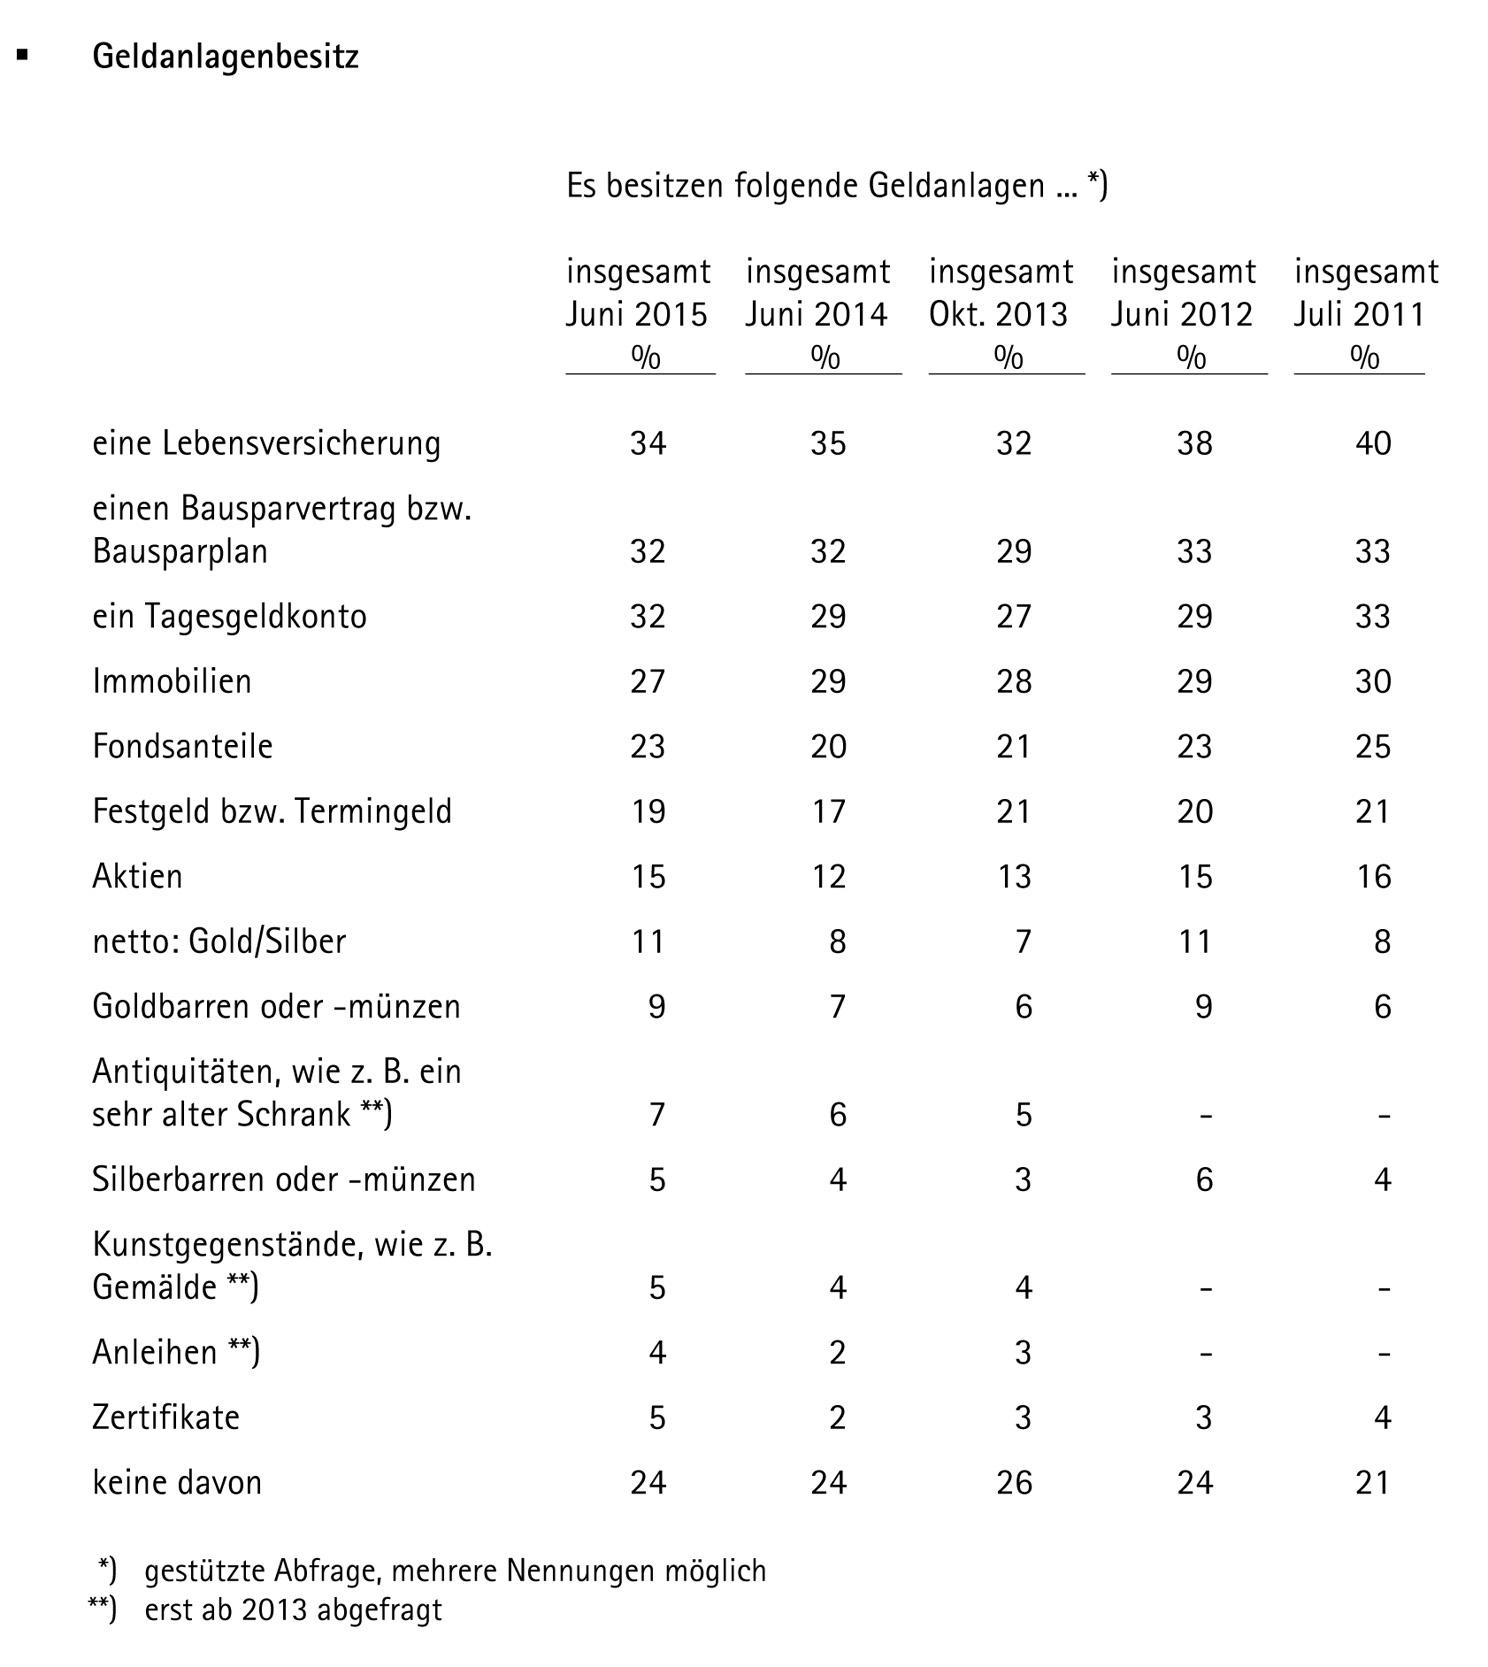 Bericht_pro aurum_langfristige_Geldanlagenesitz